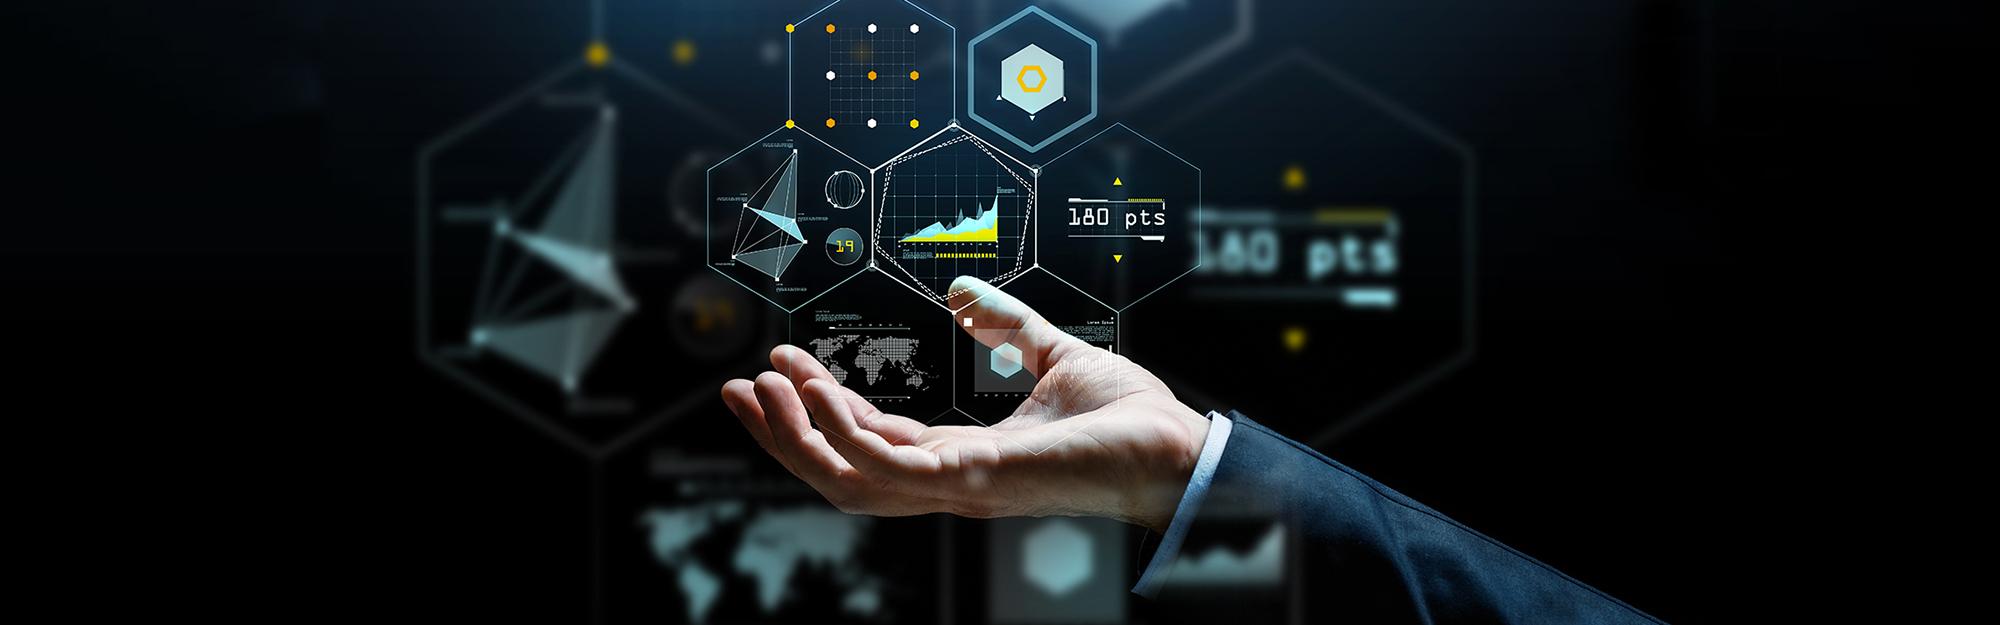 The Age of Data: se i dati e le informazioni sono il nuovo oro, dove sono le miniere e come si estrae?